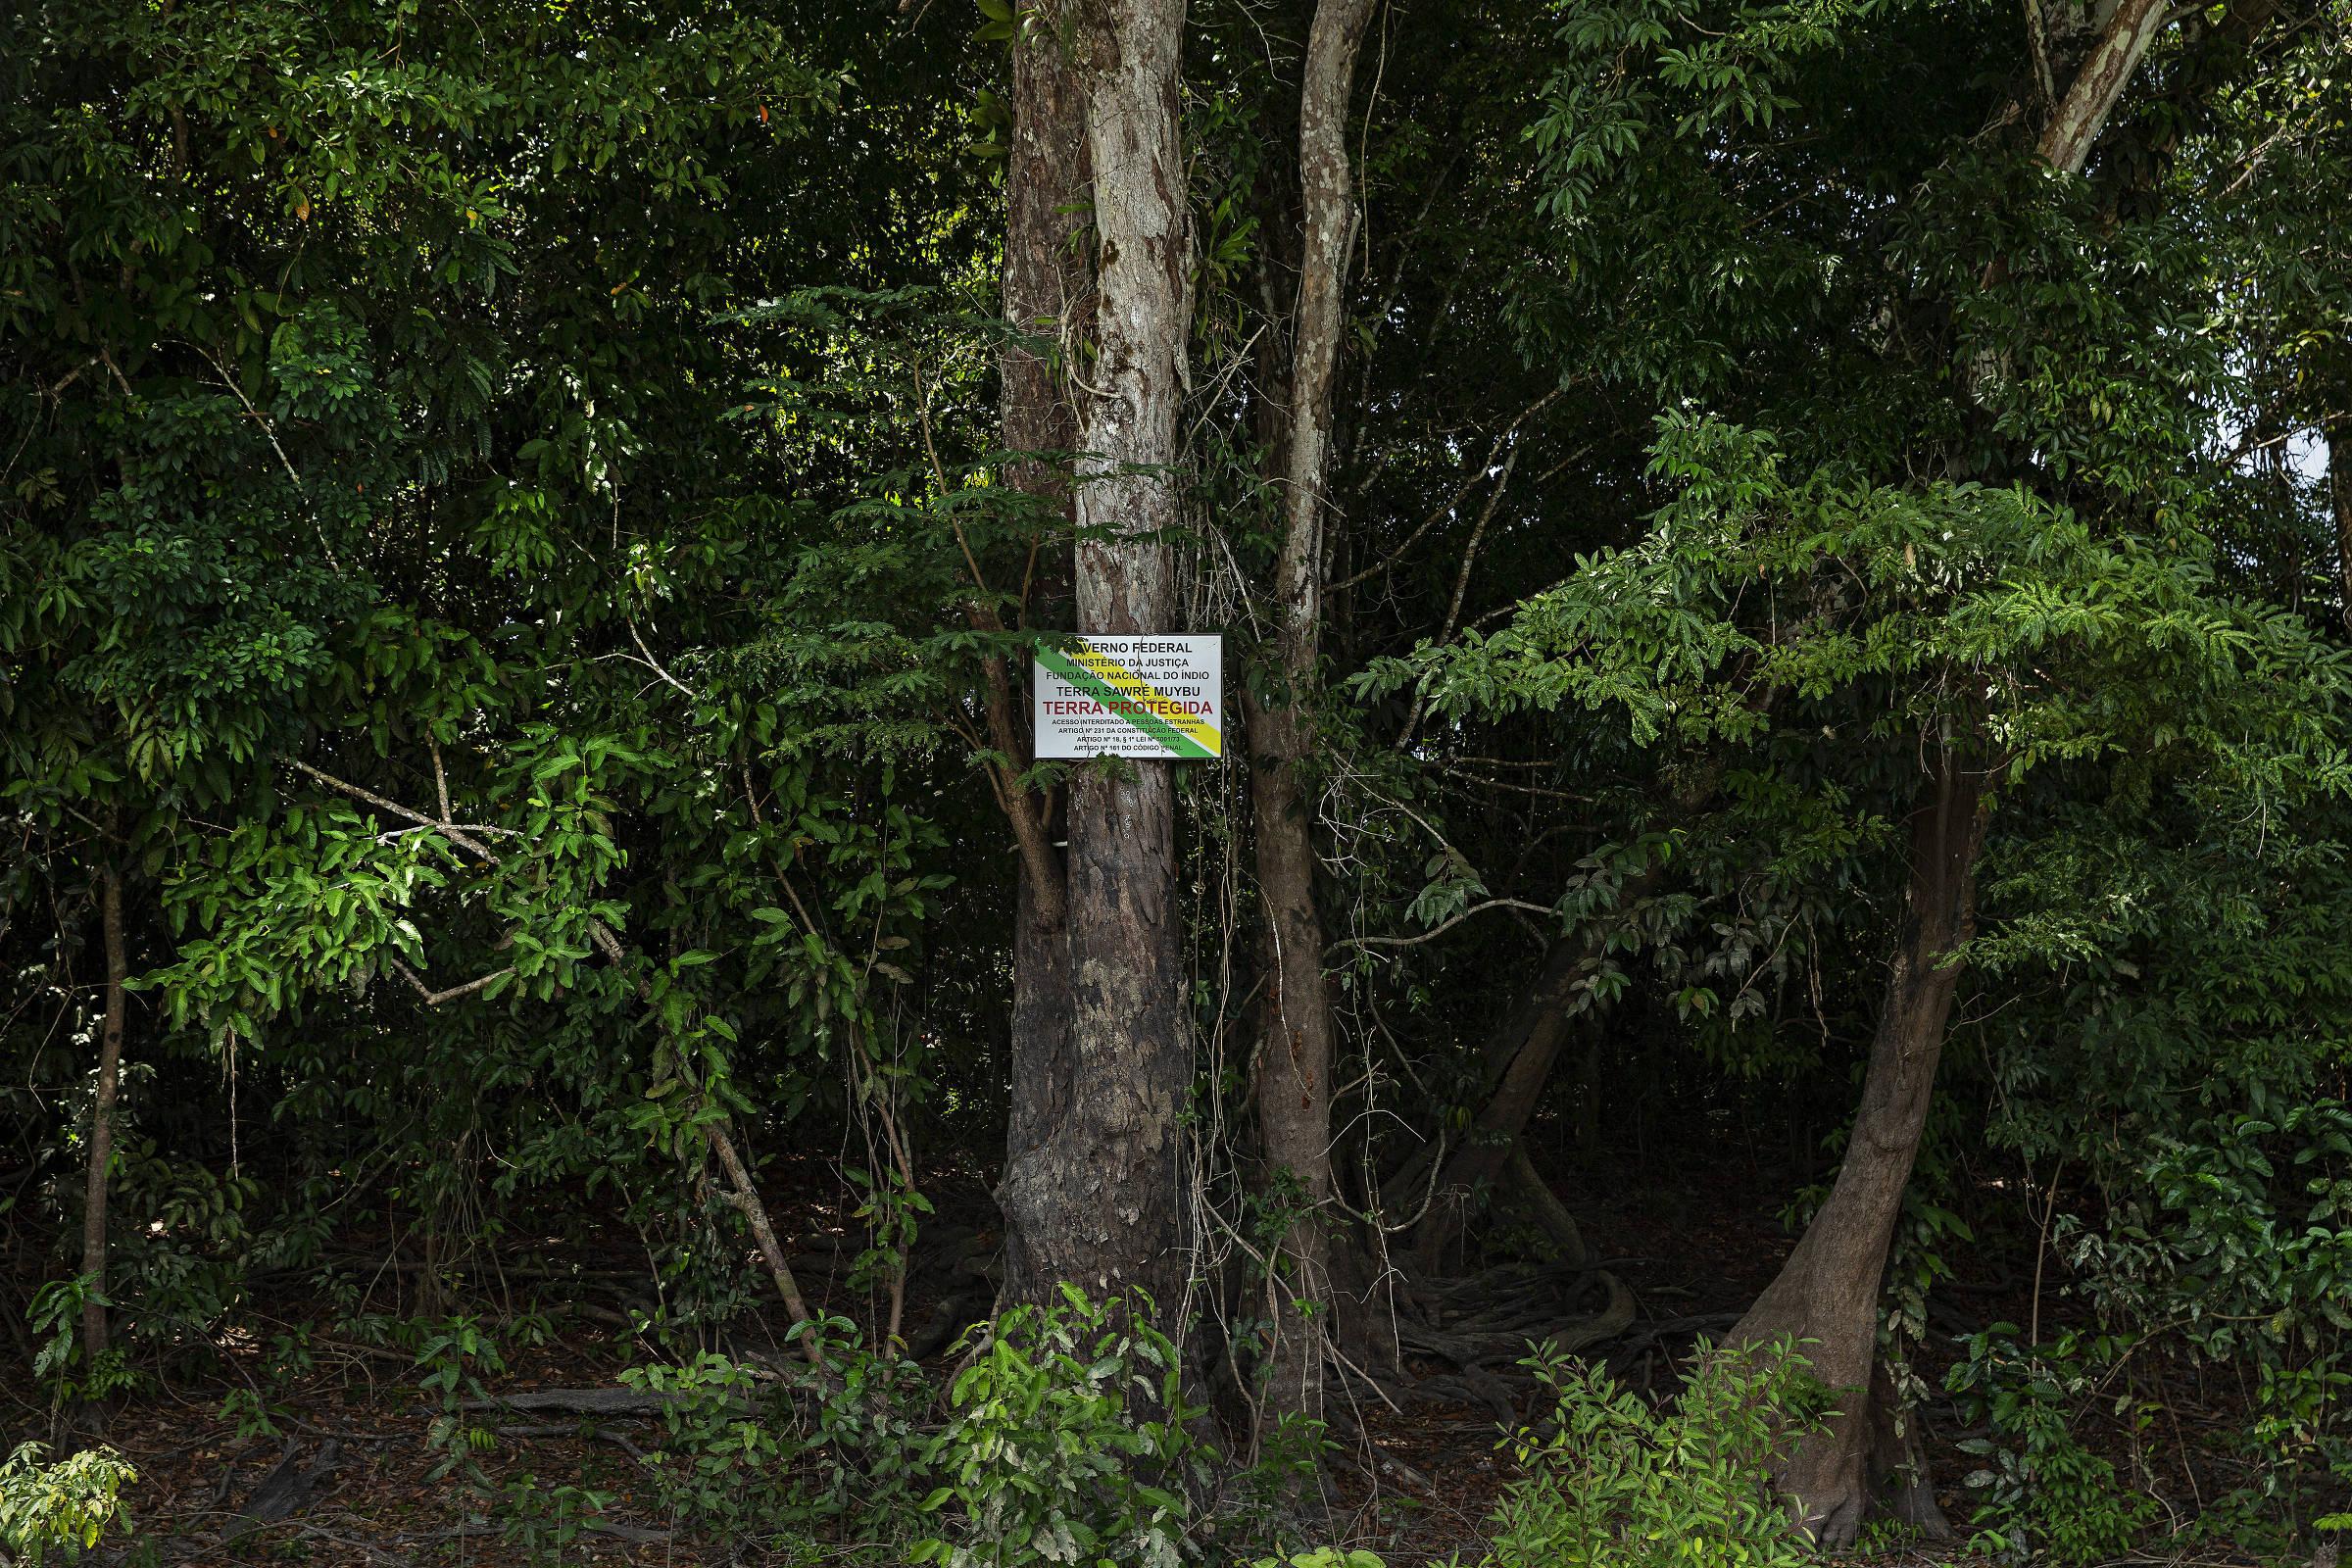 Placa de auto demarcação da terra indígena Sawré Muybu dos índios mundurucus